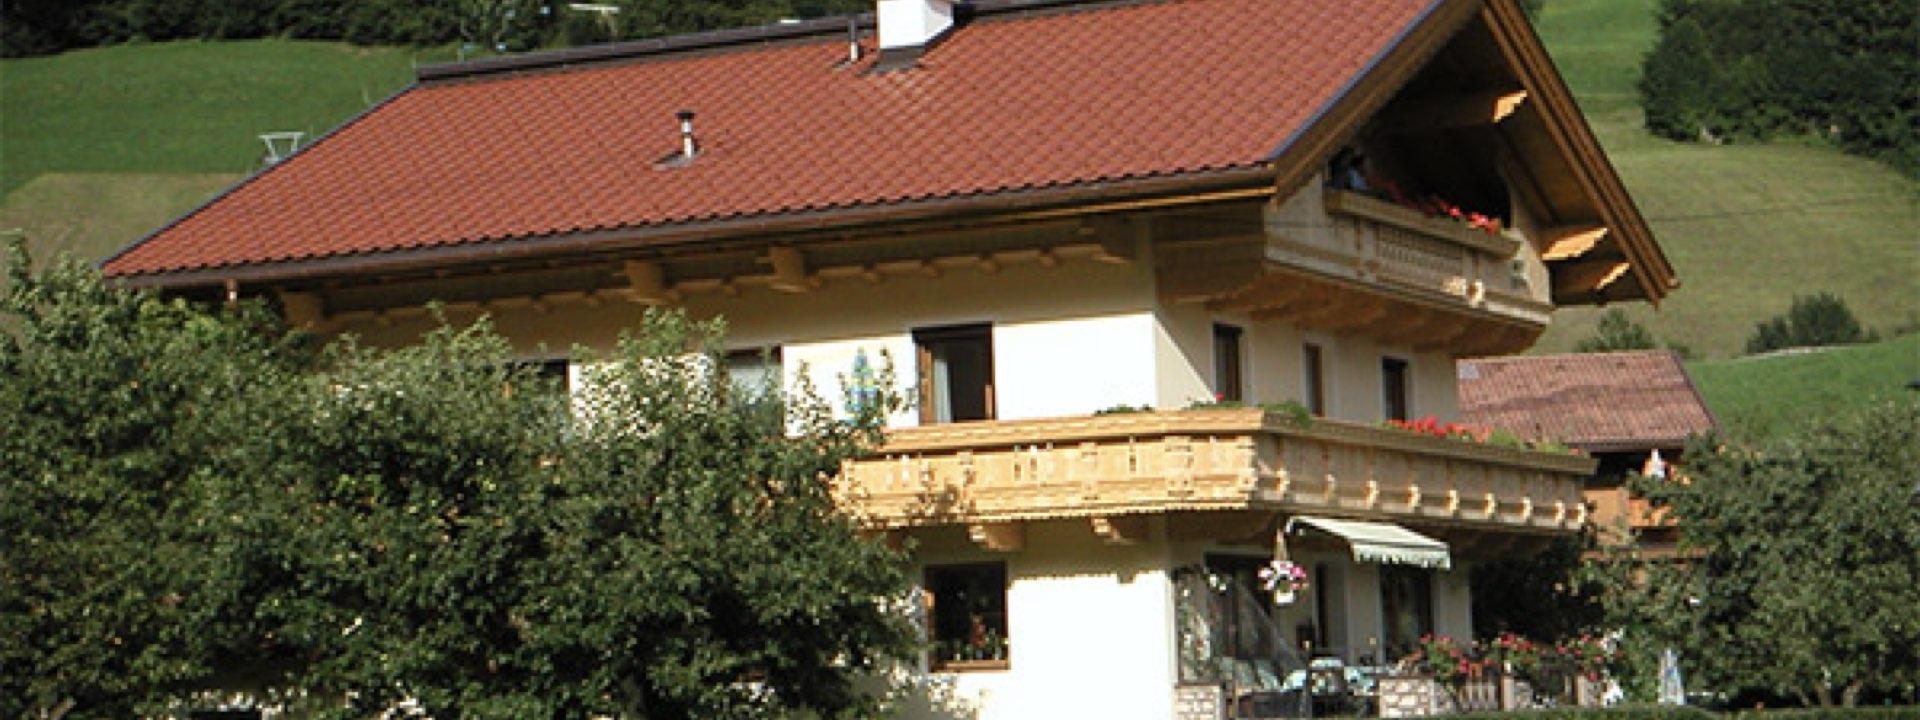 Zillertal: Gästehaus (HOTELBUS/KABINEBUS) – morgenmad